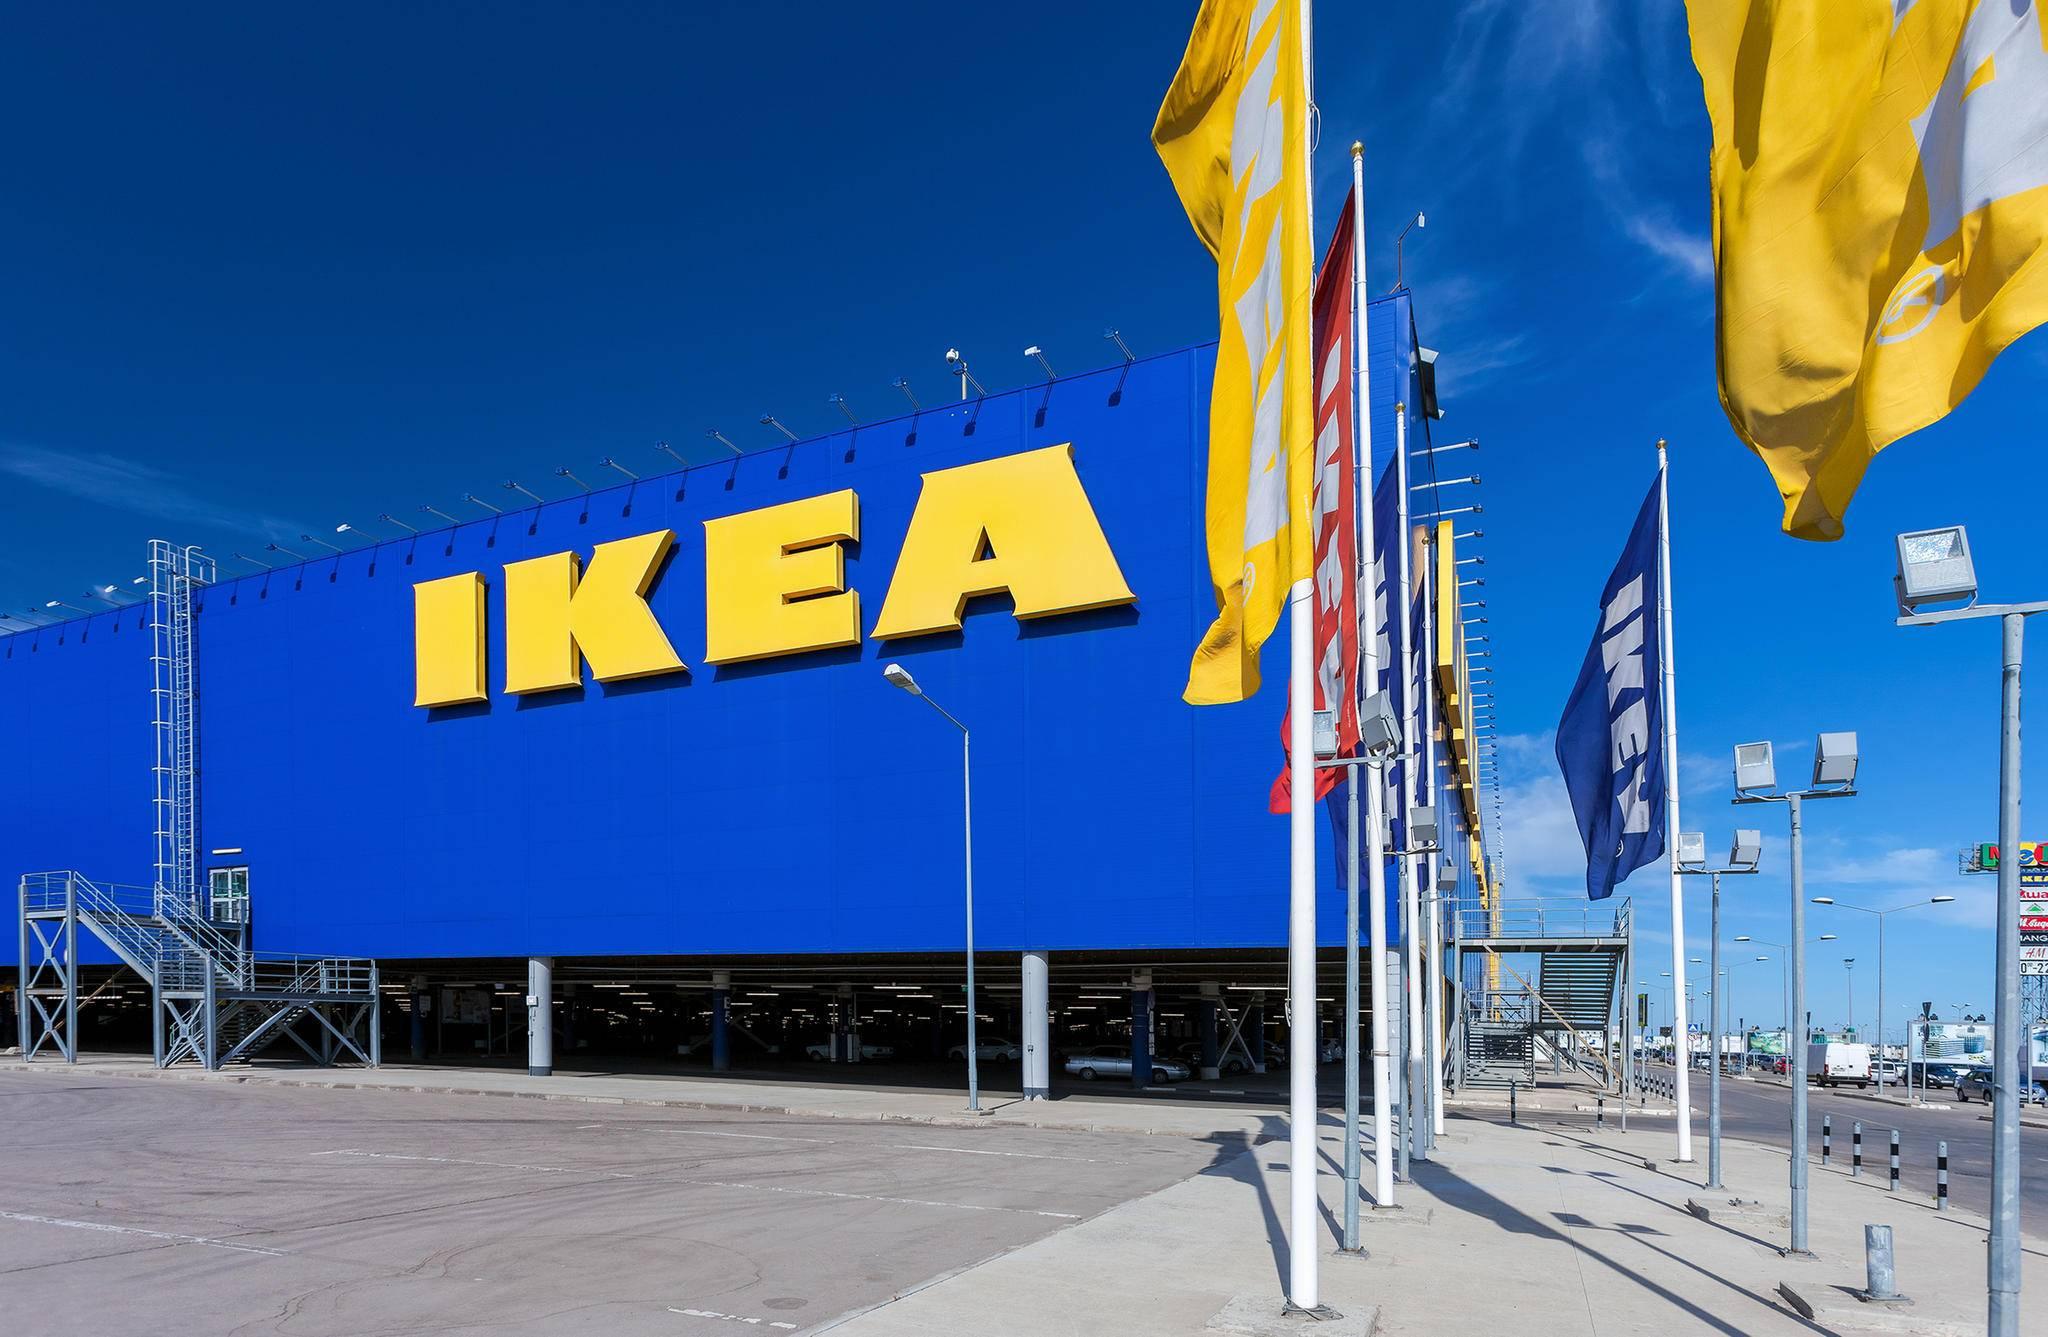 IKEA рассматривается вопрос о дополнительных инвестициях в производство Кировской области